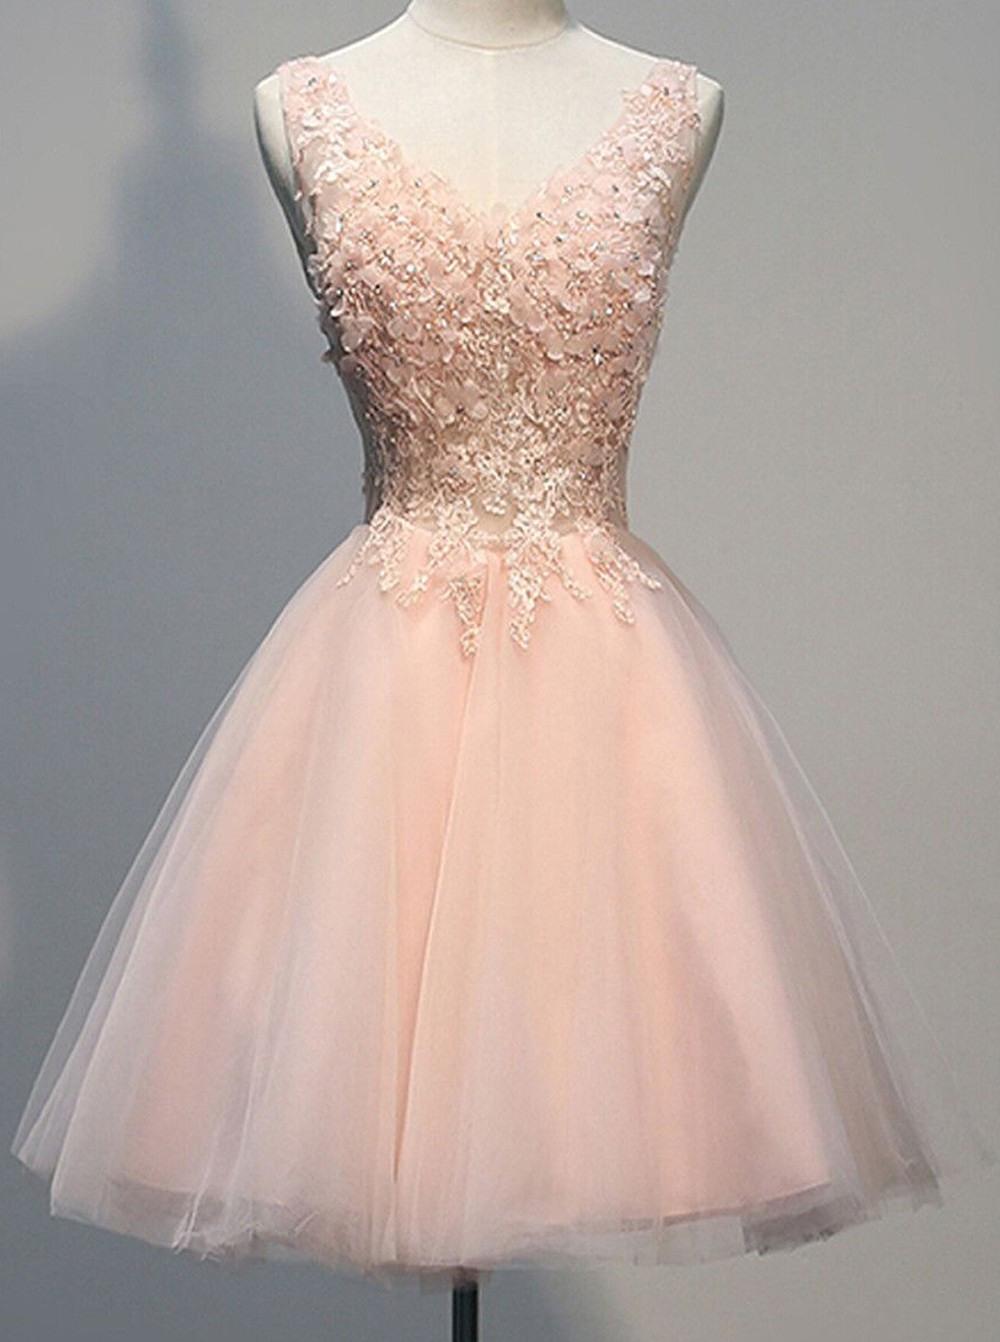 15 Ausgezeichnet Rosa Kleid Kurz Stylish Elegant Rosa Kleid Kurz Ärmel